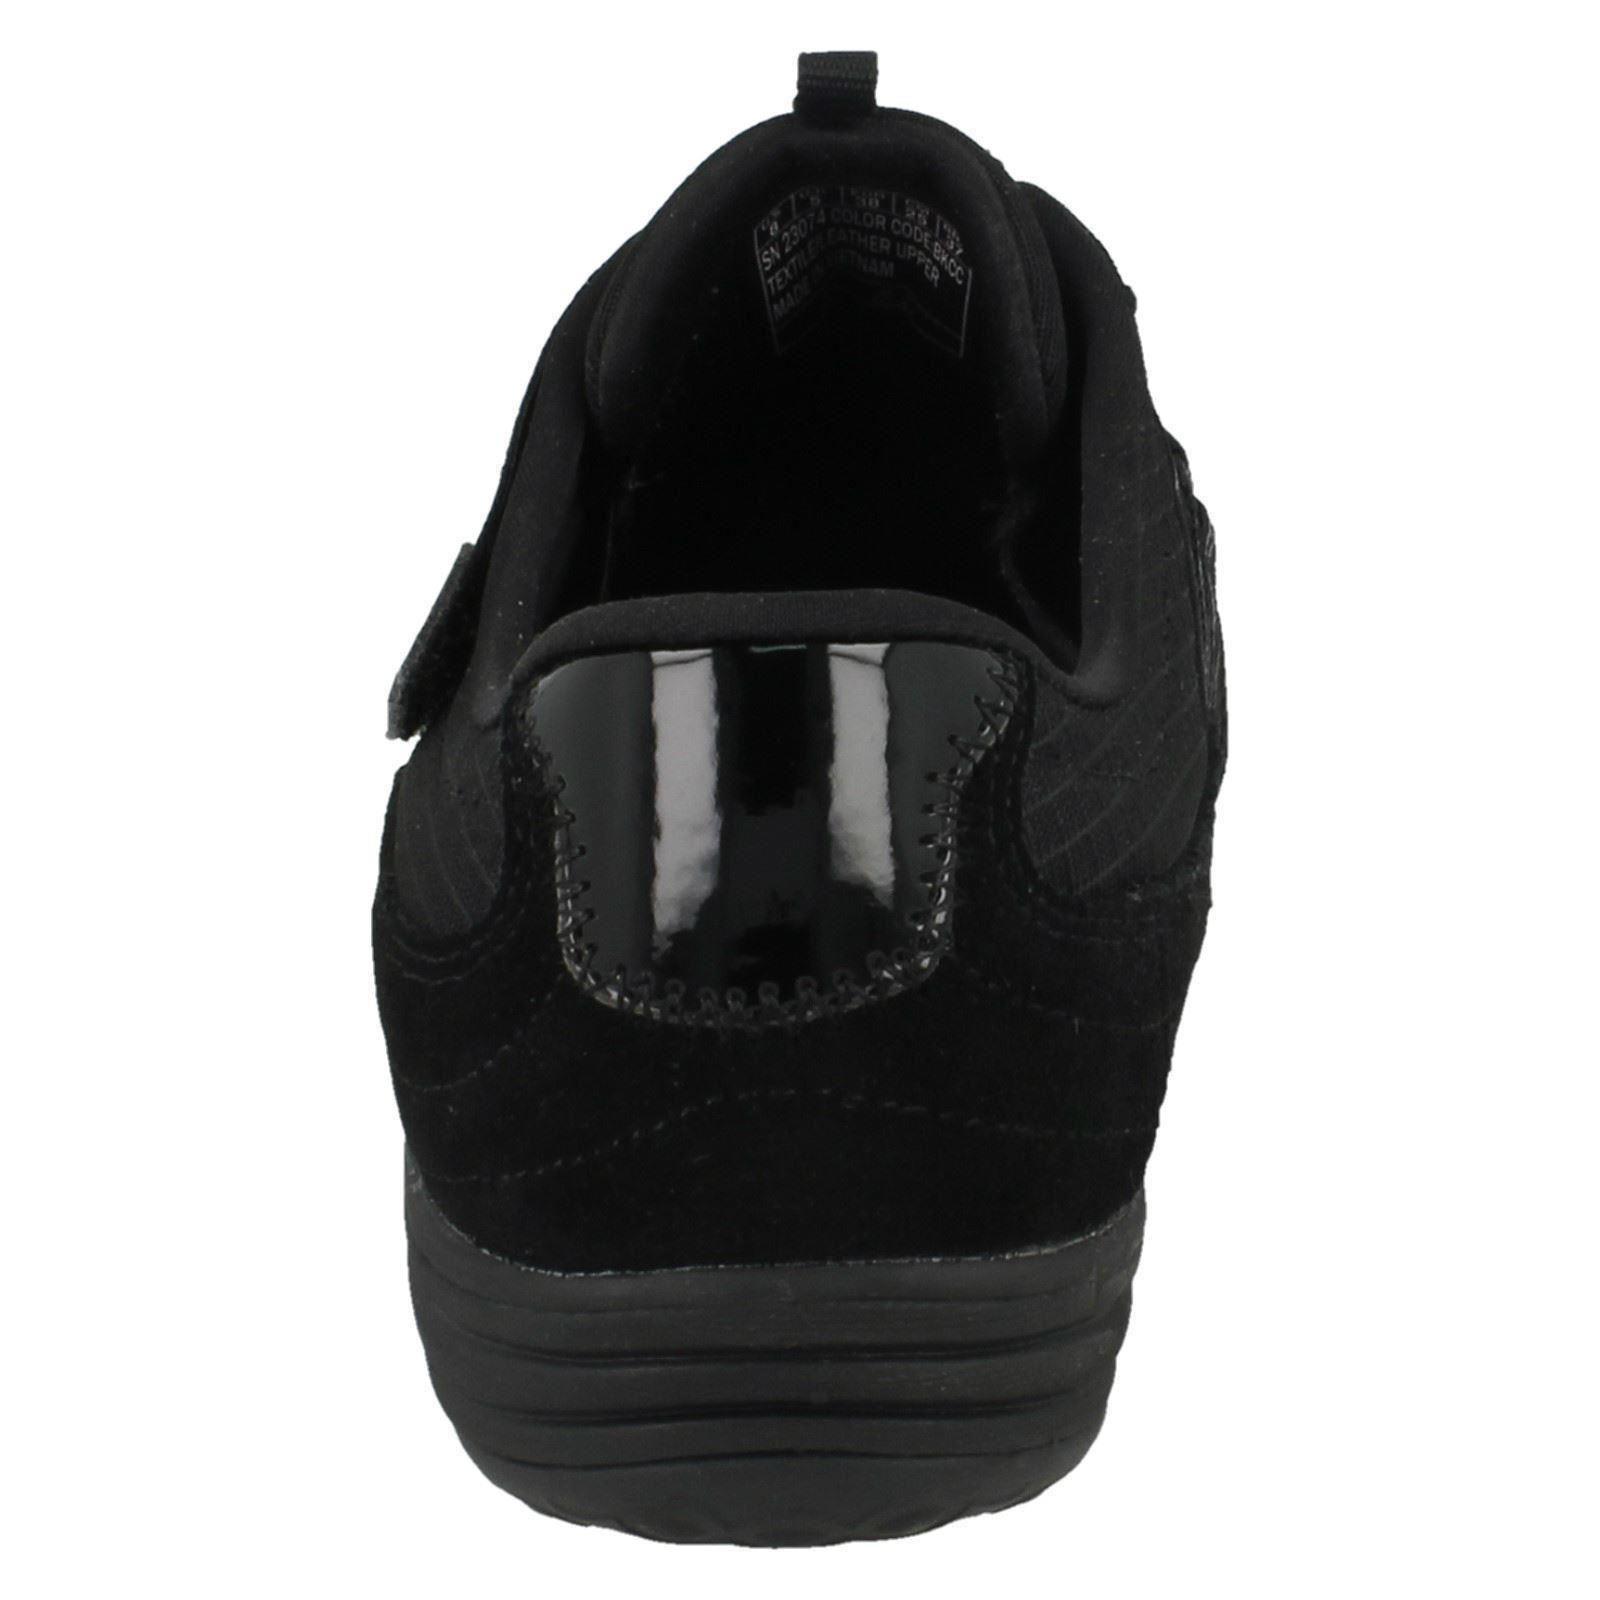 23074 Scarpe da da Esagonale incrociato antracite con ginnastica Skechers donna nero nero cinturino TfznT4FB